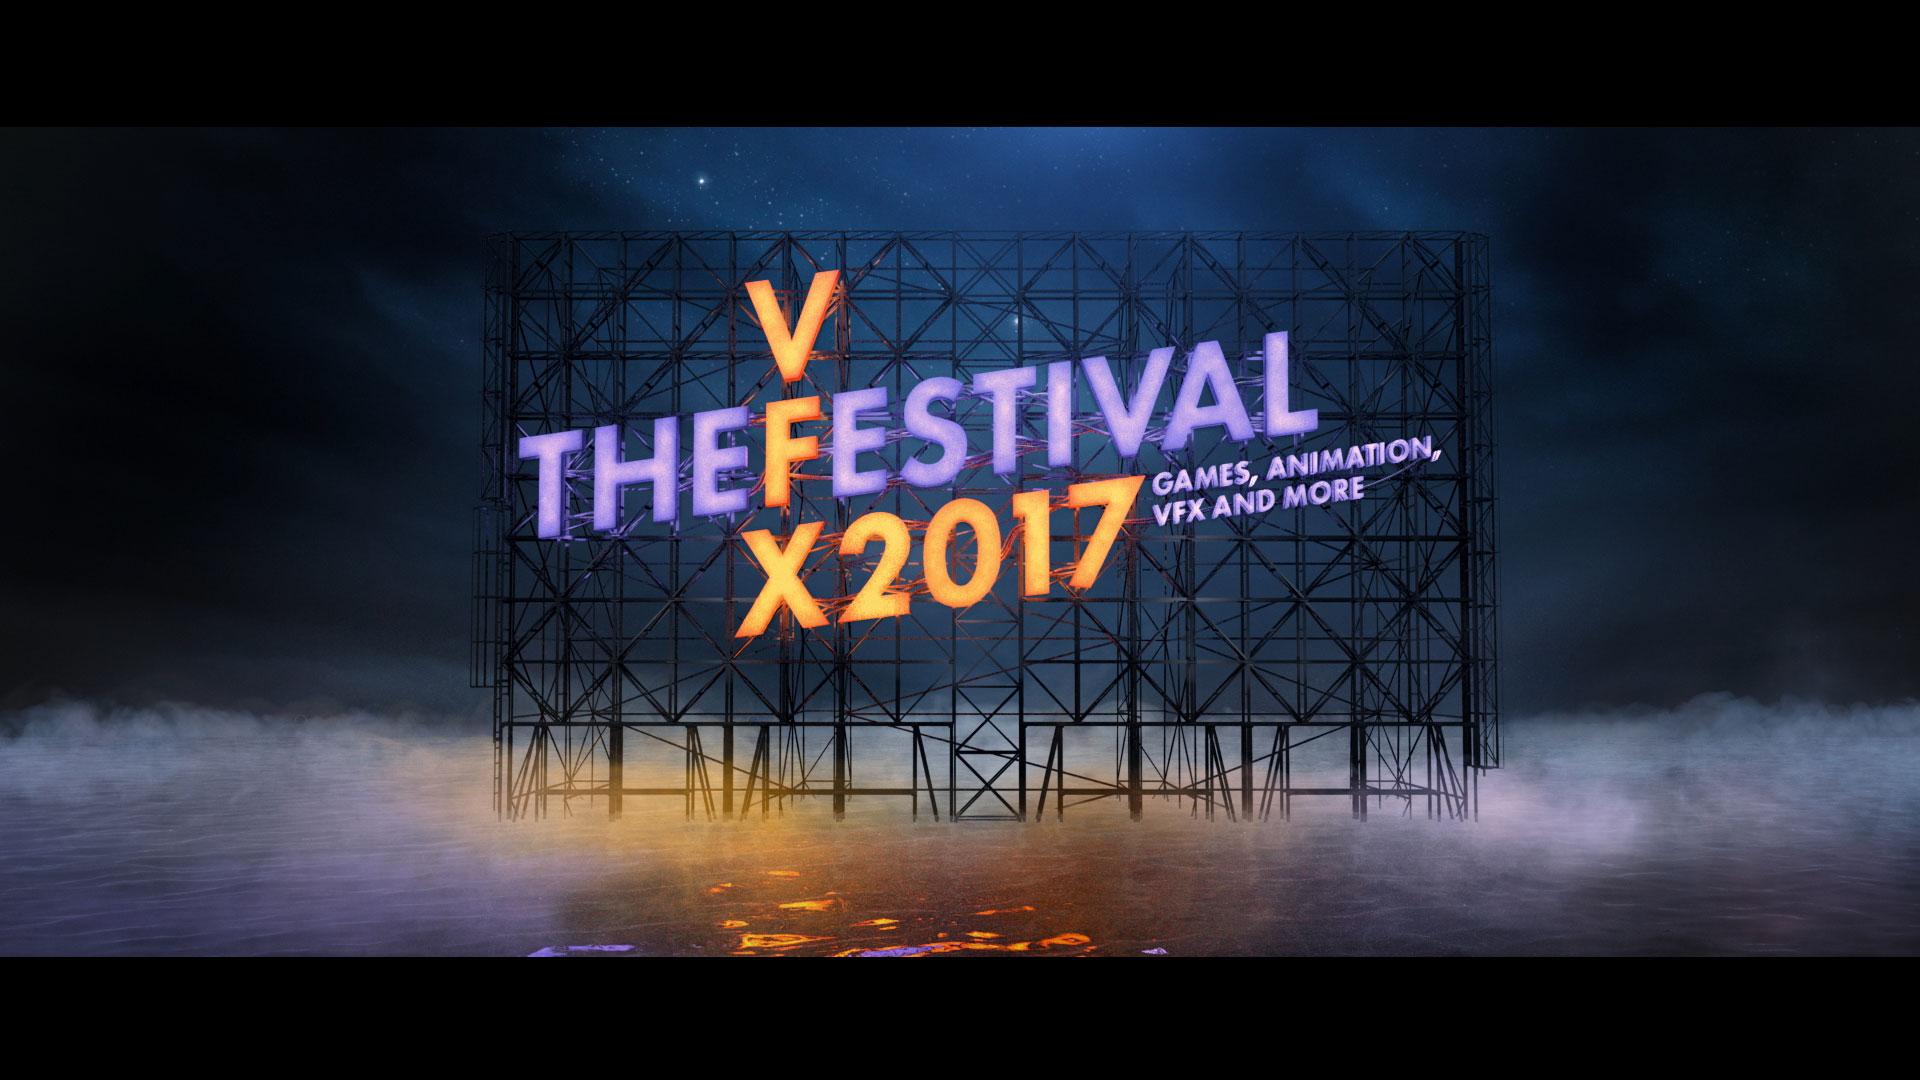 The_VFX_Festival_V007_01995-1